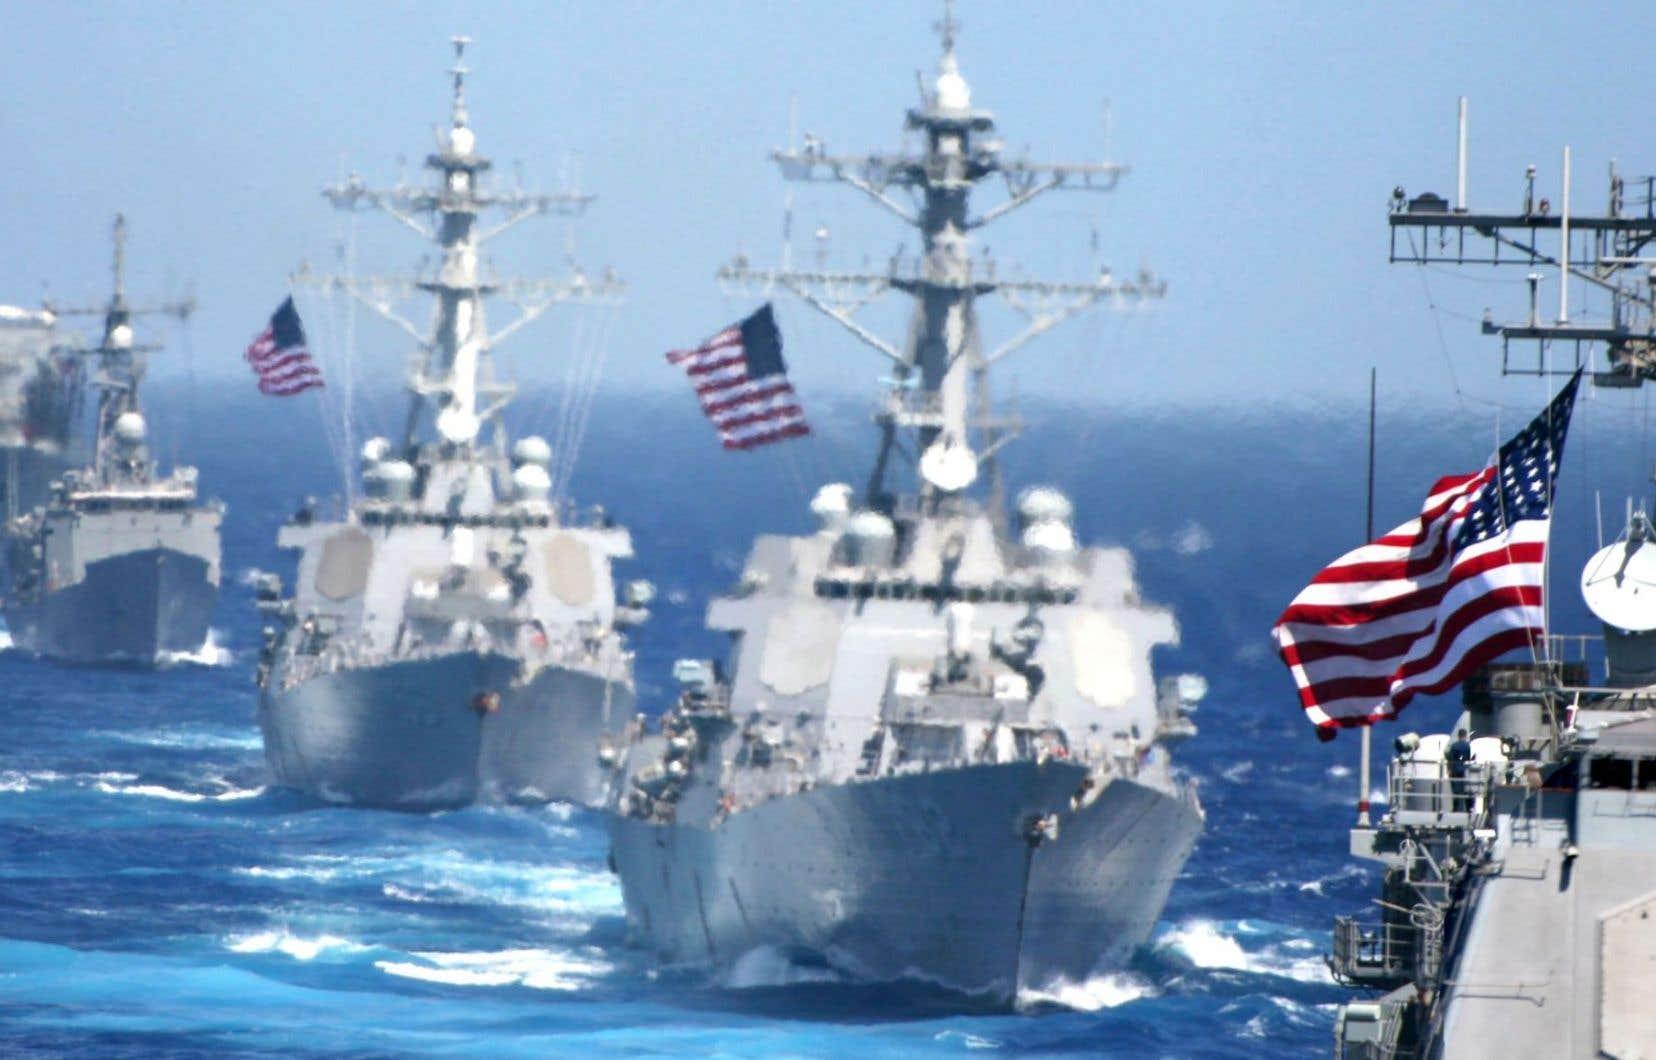 Des bateaux de la flotte militaire américaine